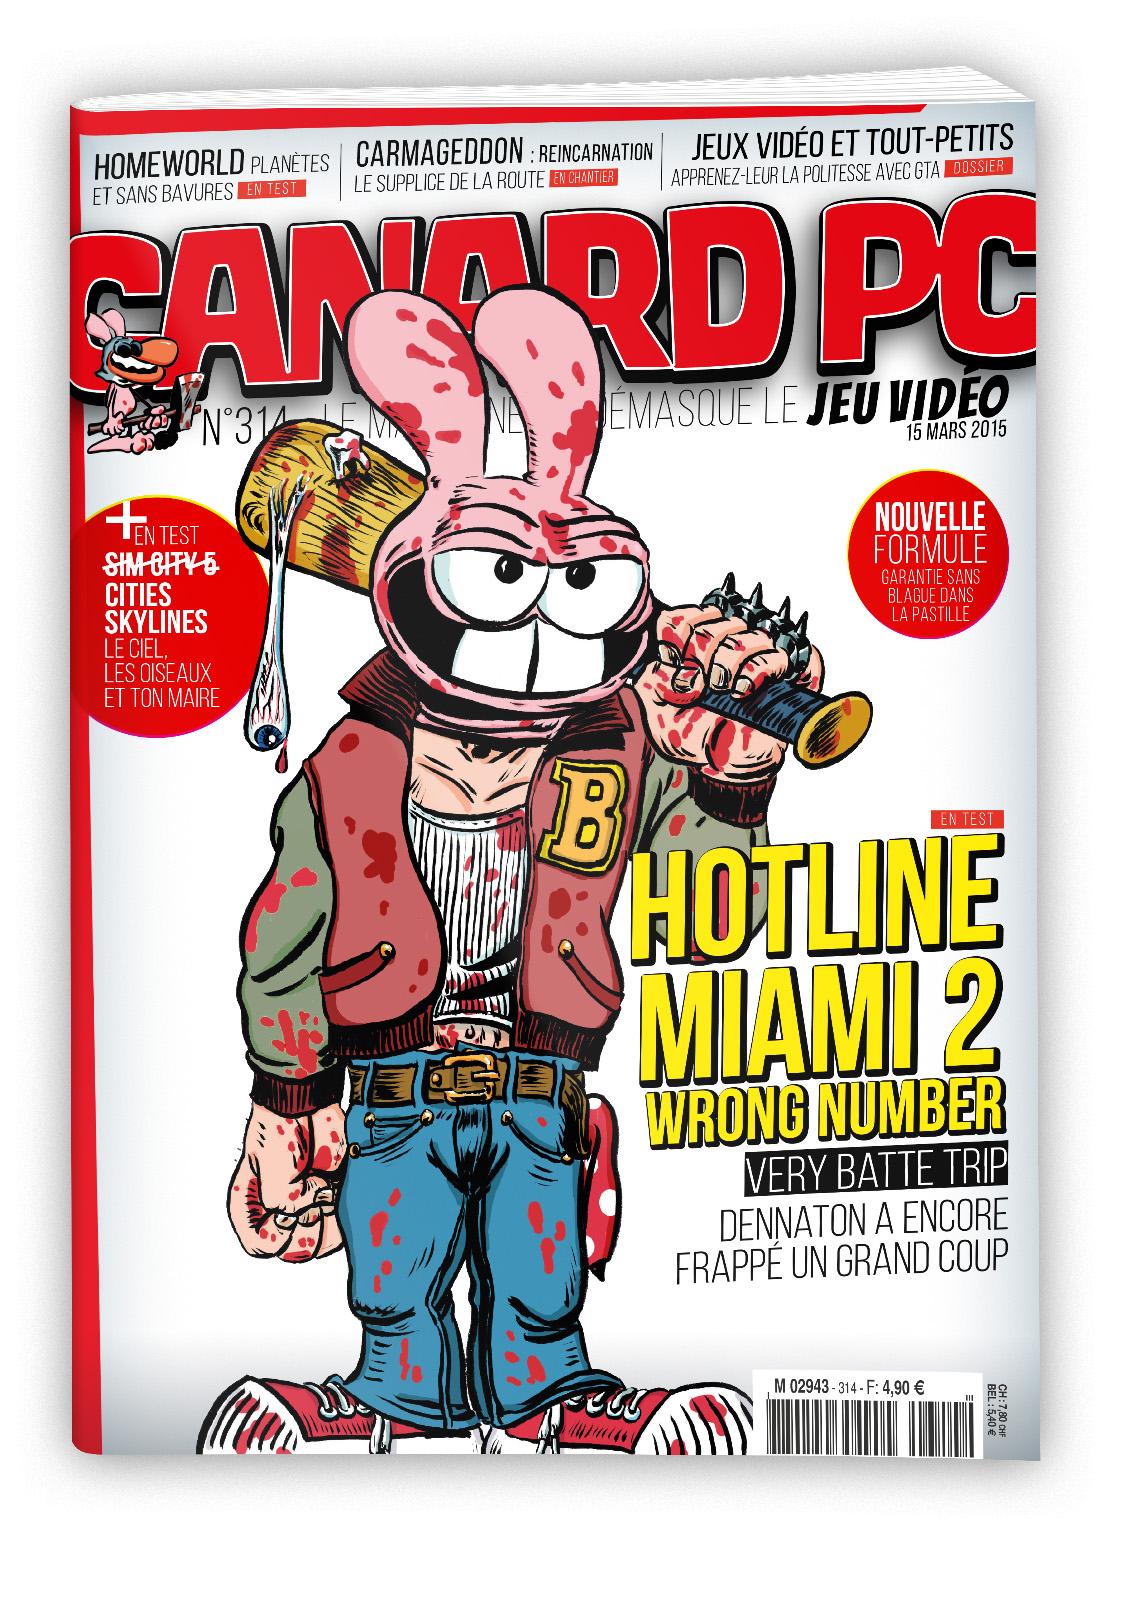 Canard PC n°314 gratuit (en édition numérique)